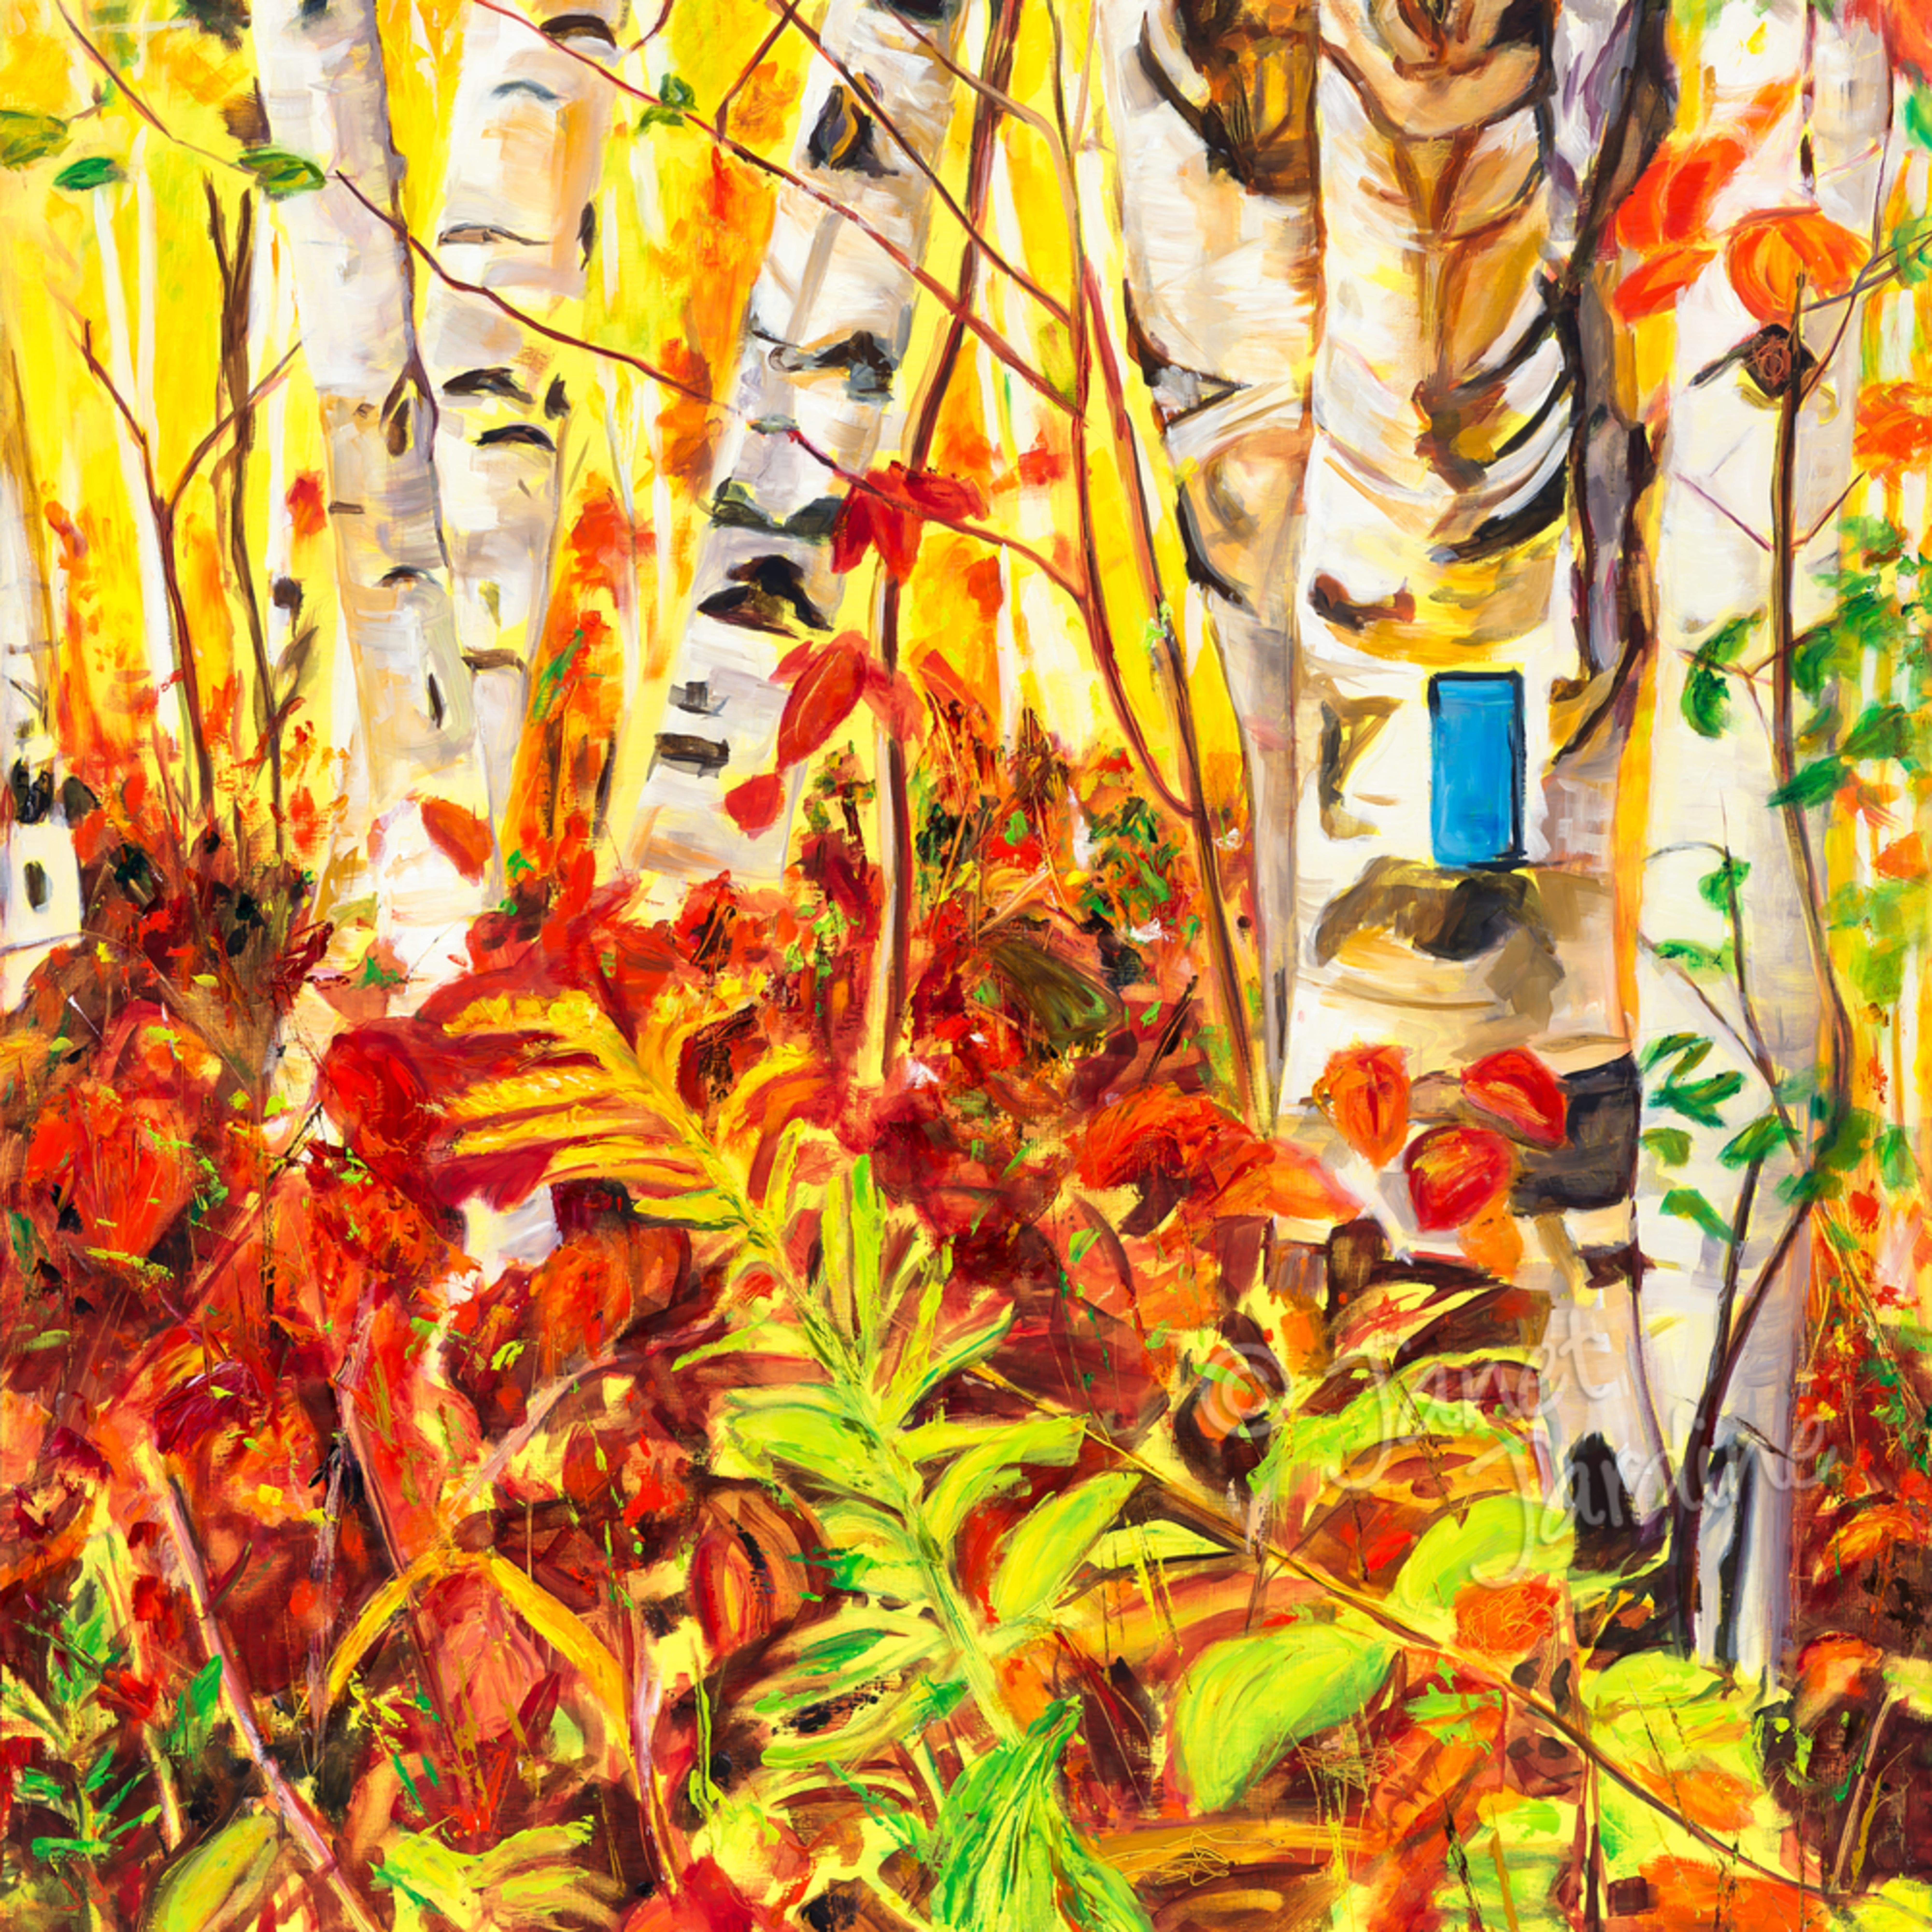 Autumn joy copyright 2020 janetjardine tnd3kx